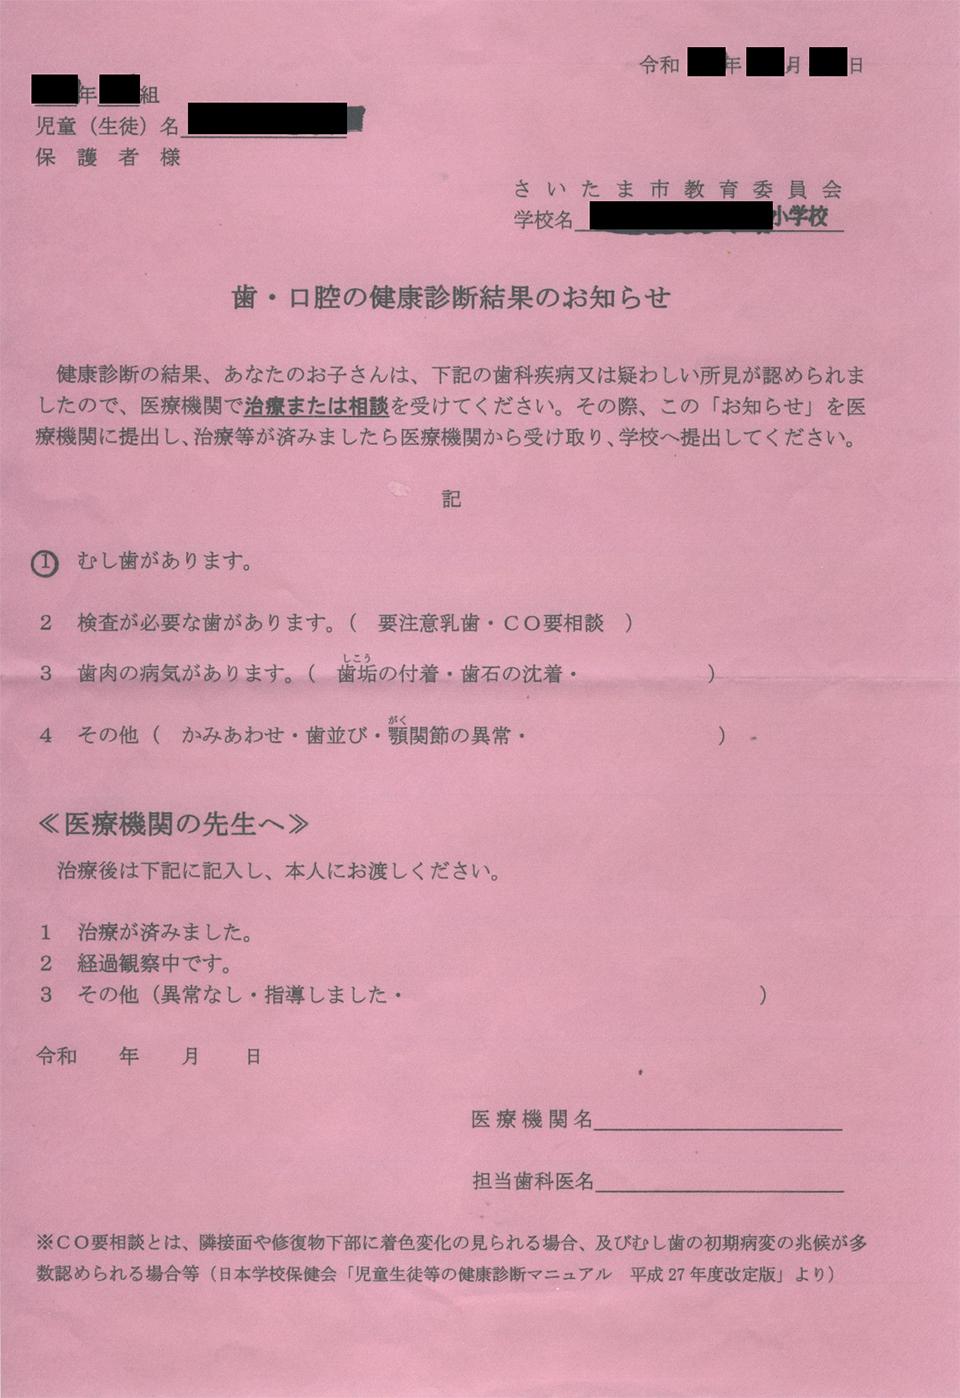 さいたま市の歯科検診結果の紙(通称ピンクの紙)